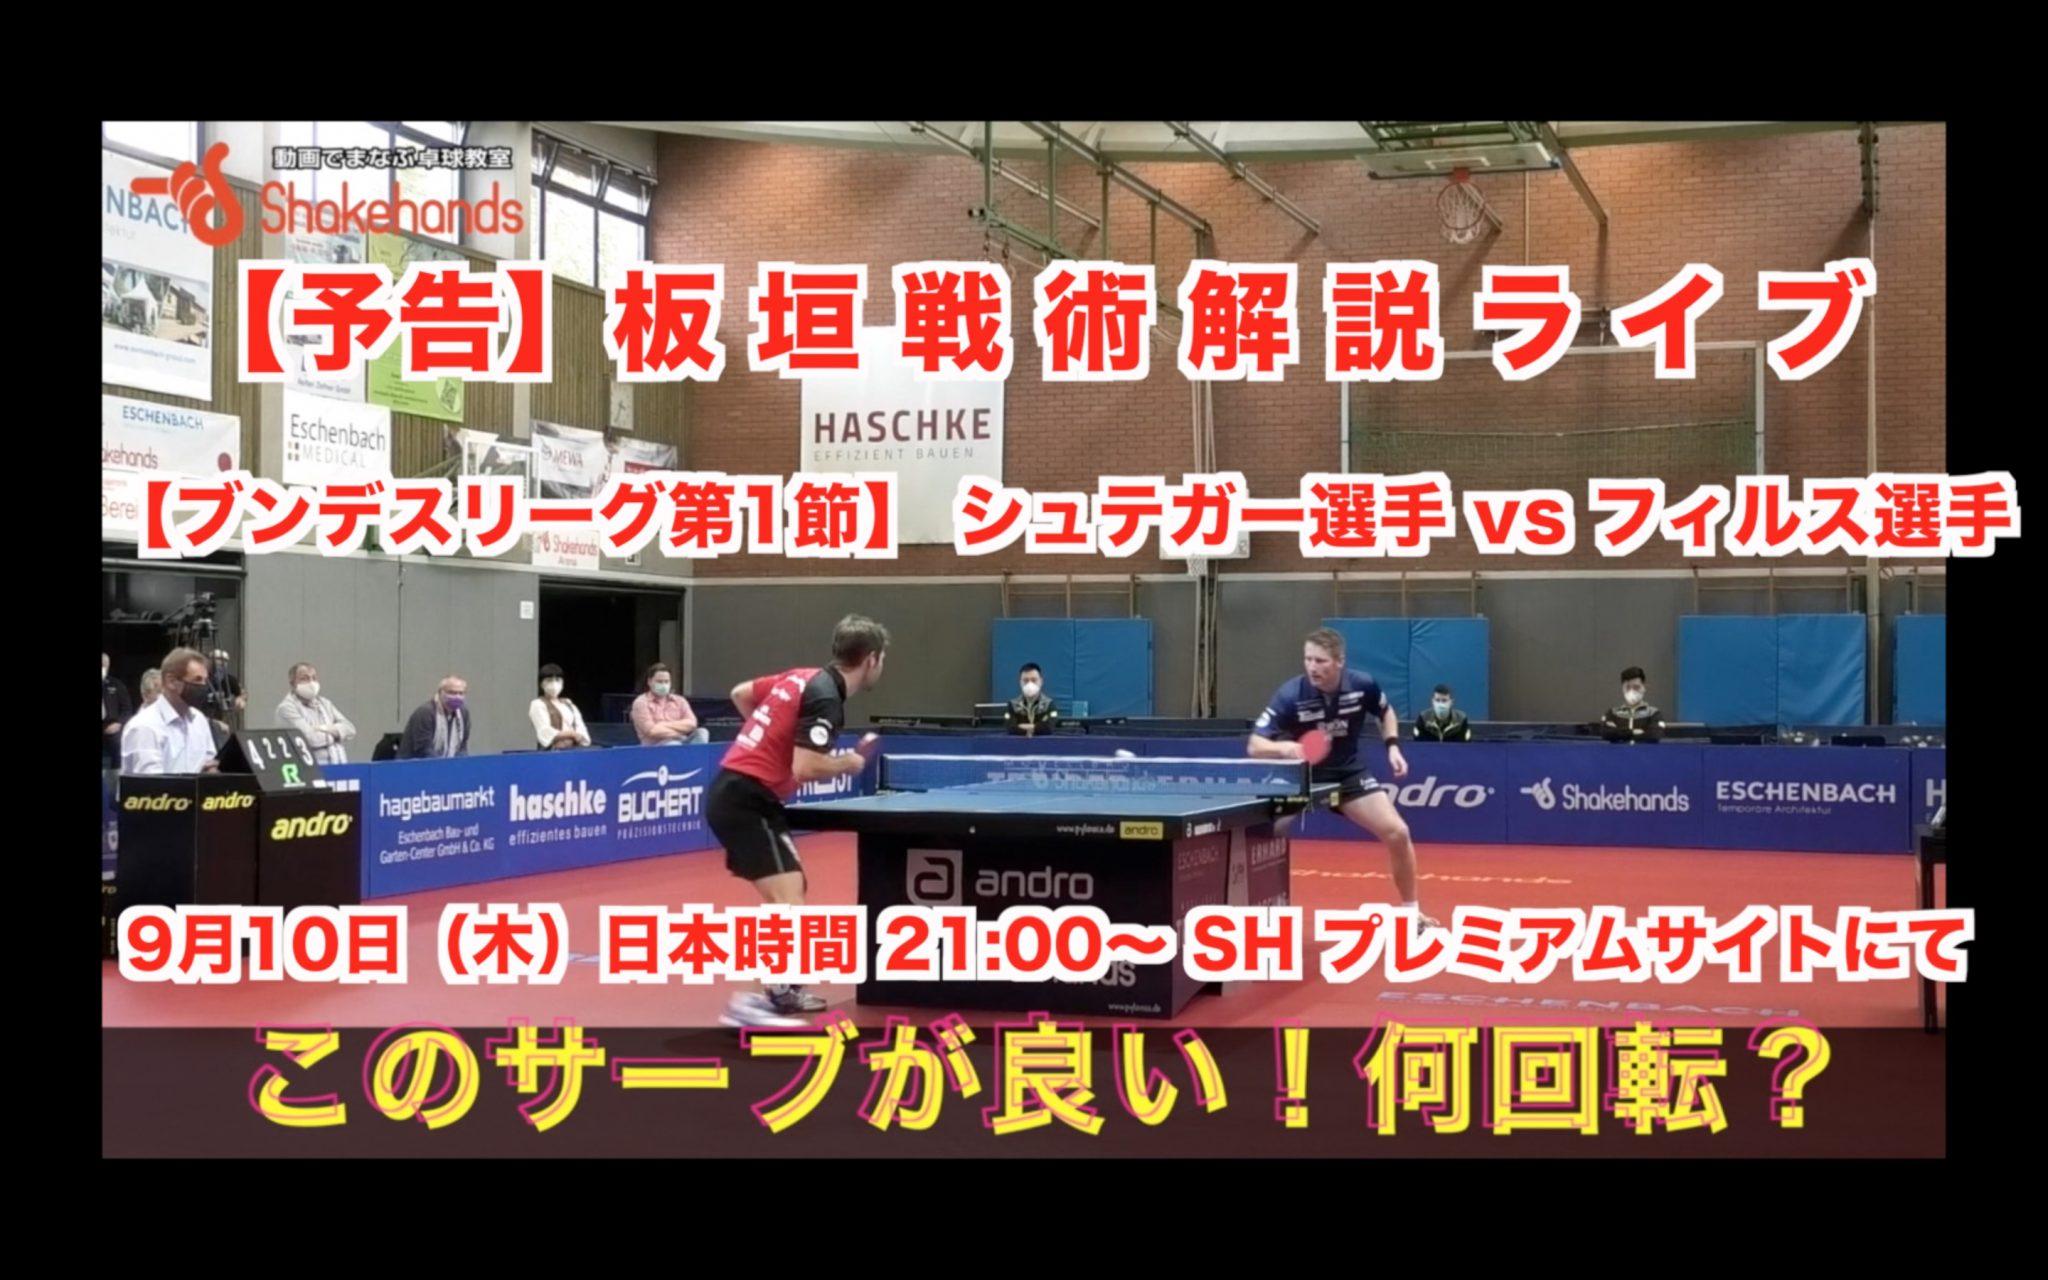 【予告】9月10日(木)日本時間22:00〜 板垣戦術動画解説